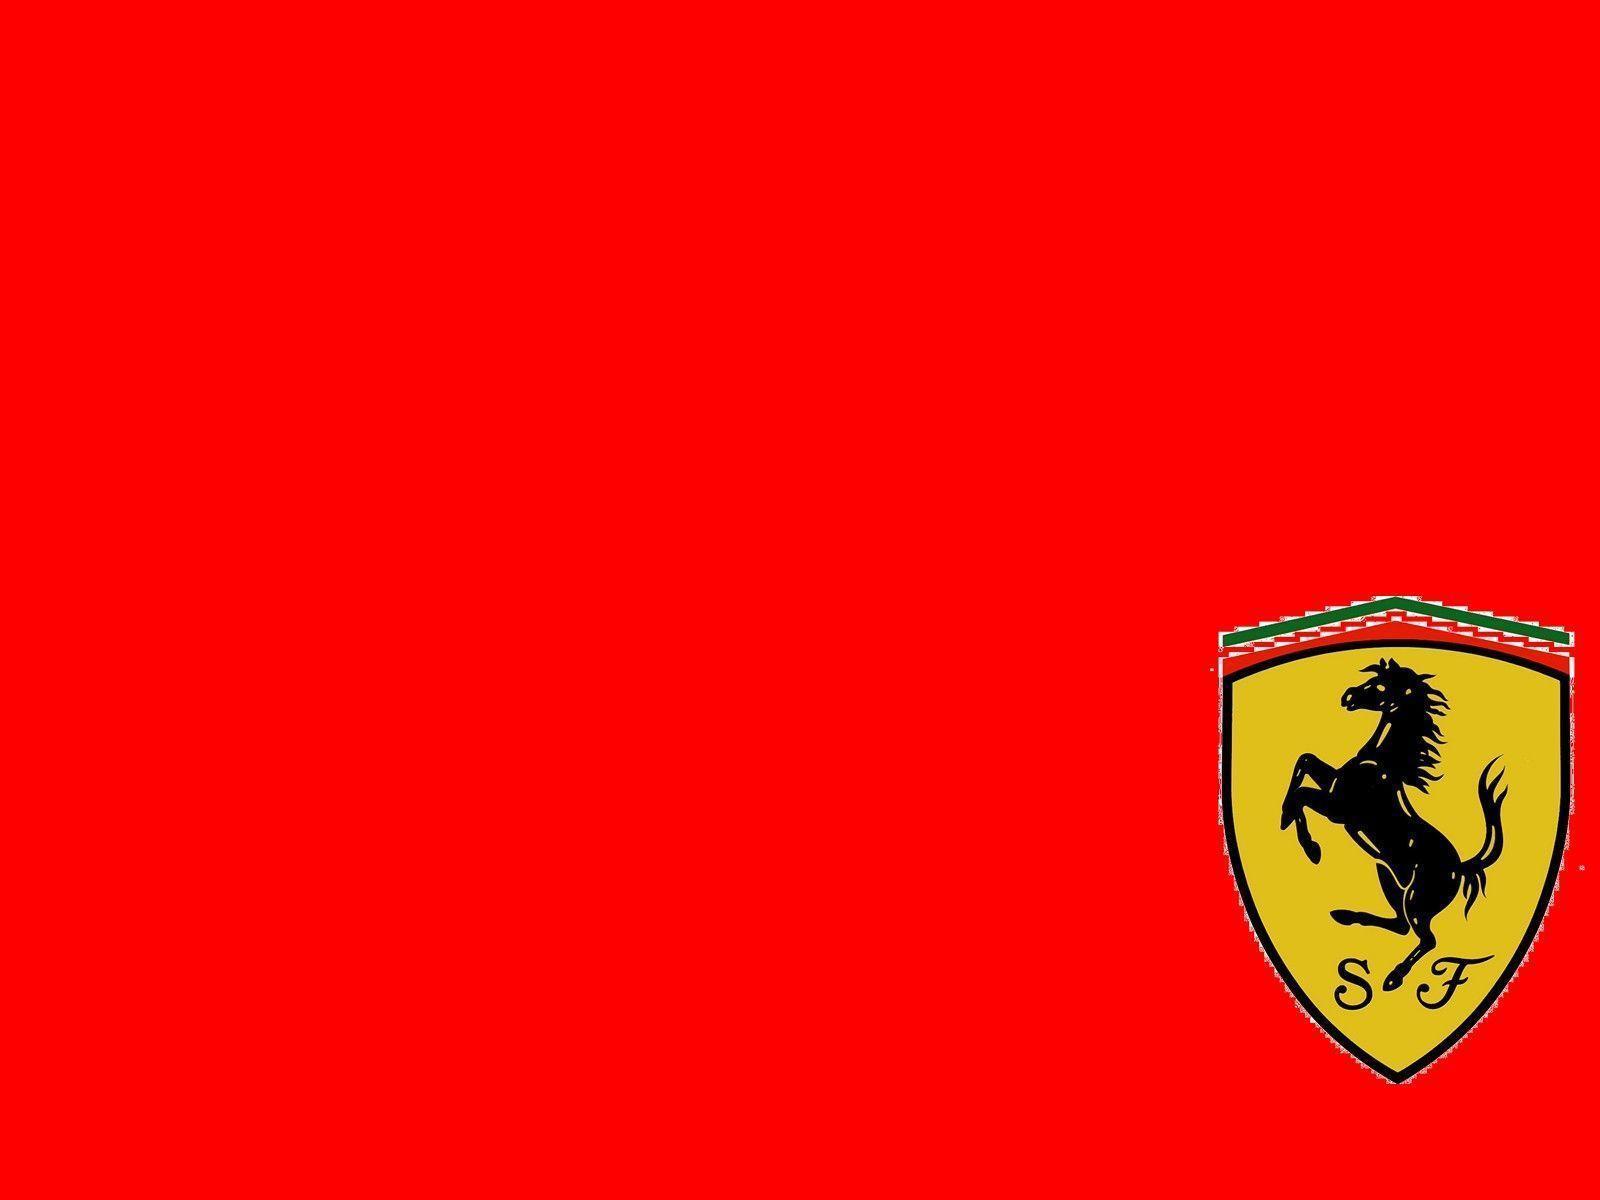 Ferrari Logo Wallpaper 40 Backgrounds | Wallruru.